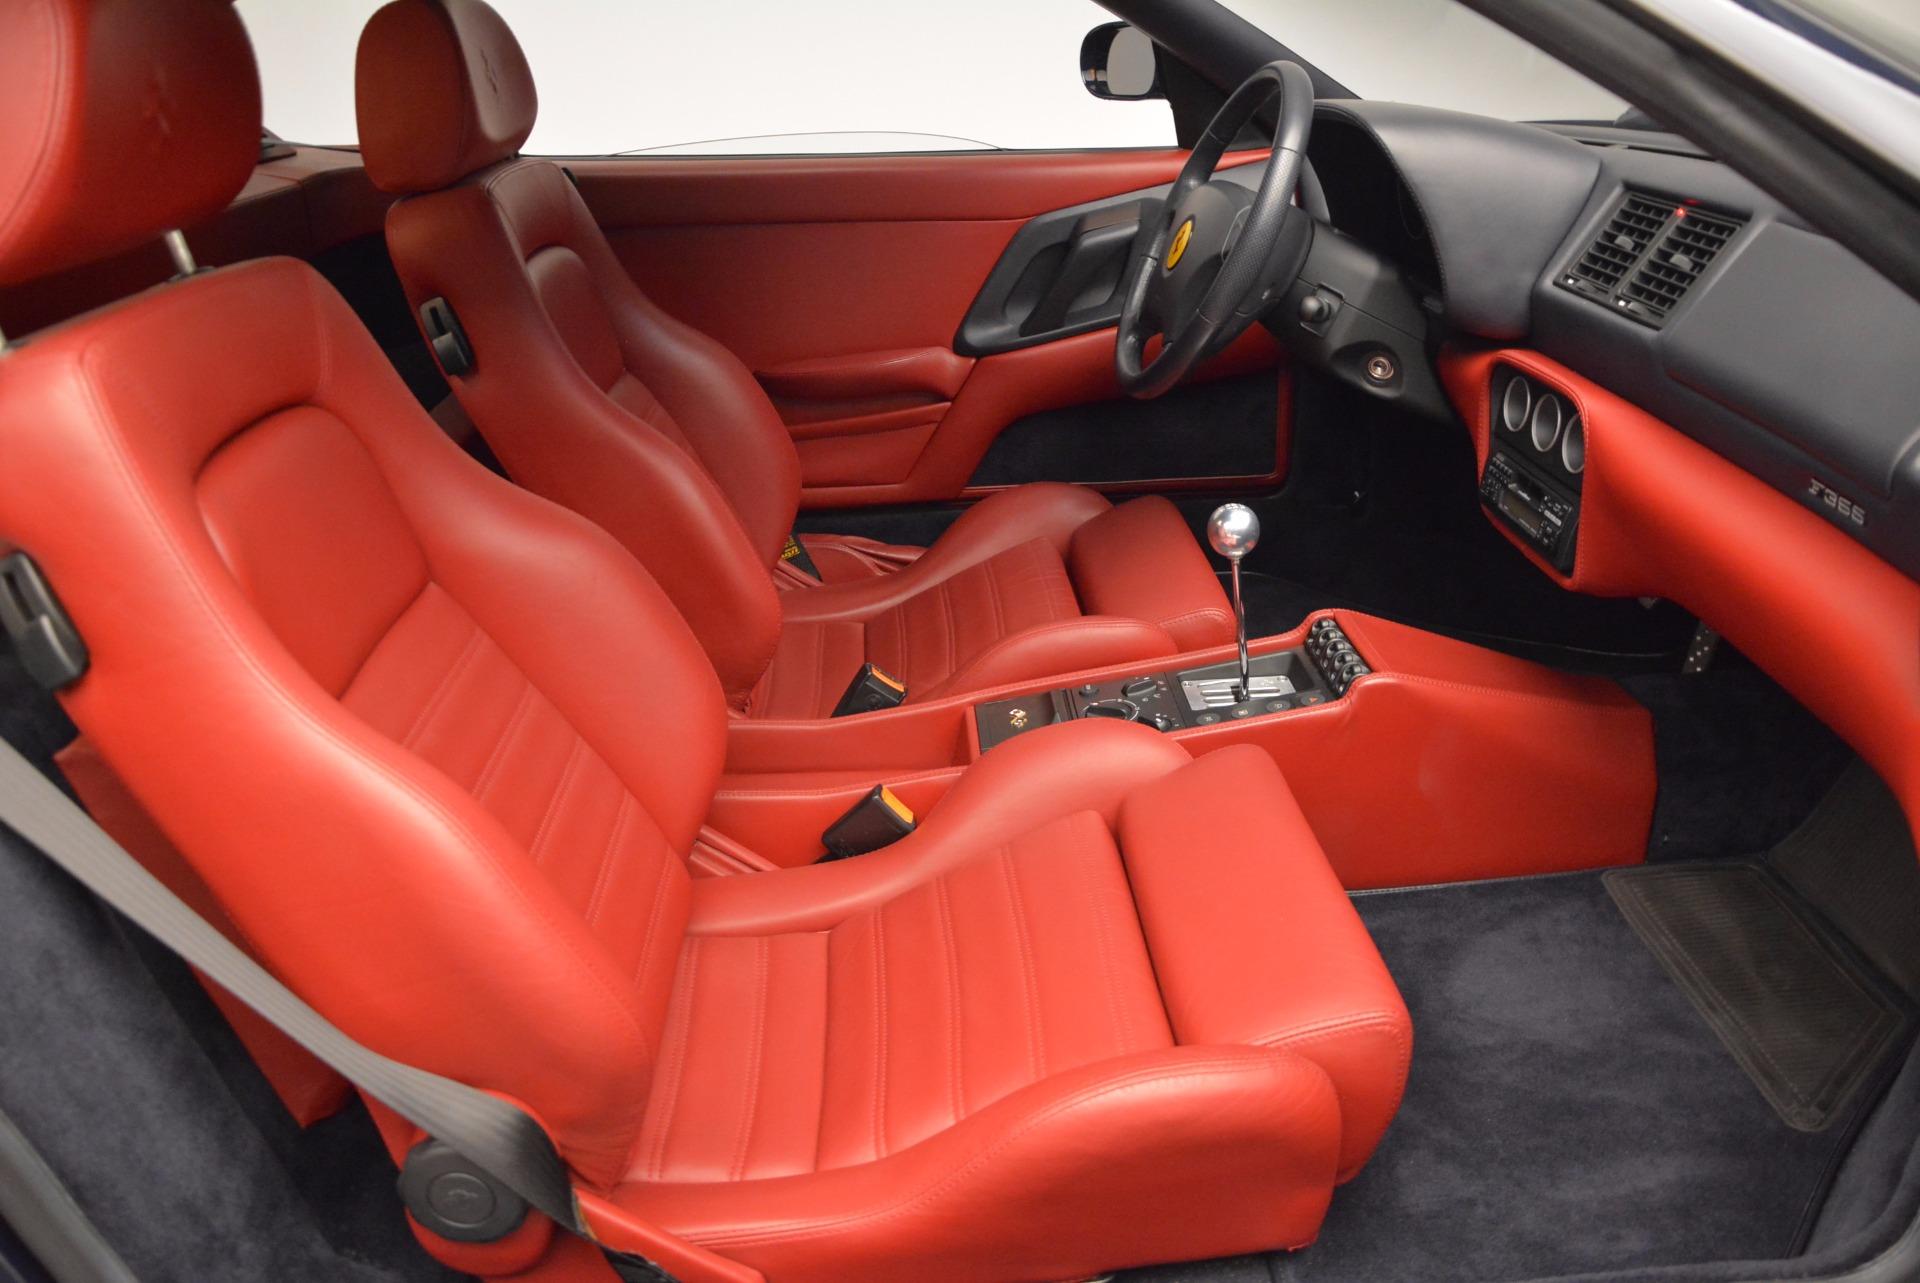 Used 1999 Ferrari 355 Berlinetta For Sale In Greenwich, CT 855_p19